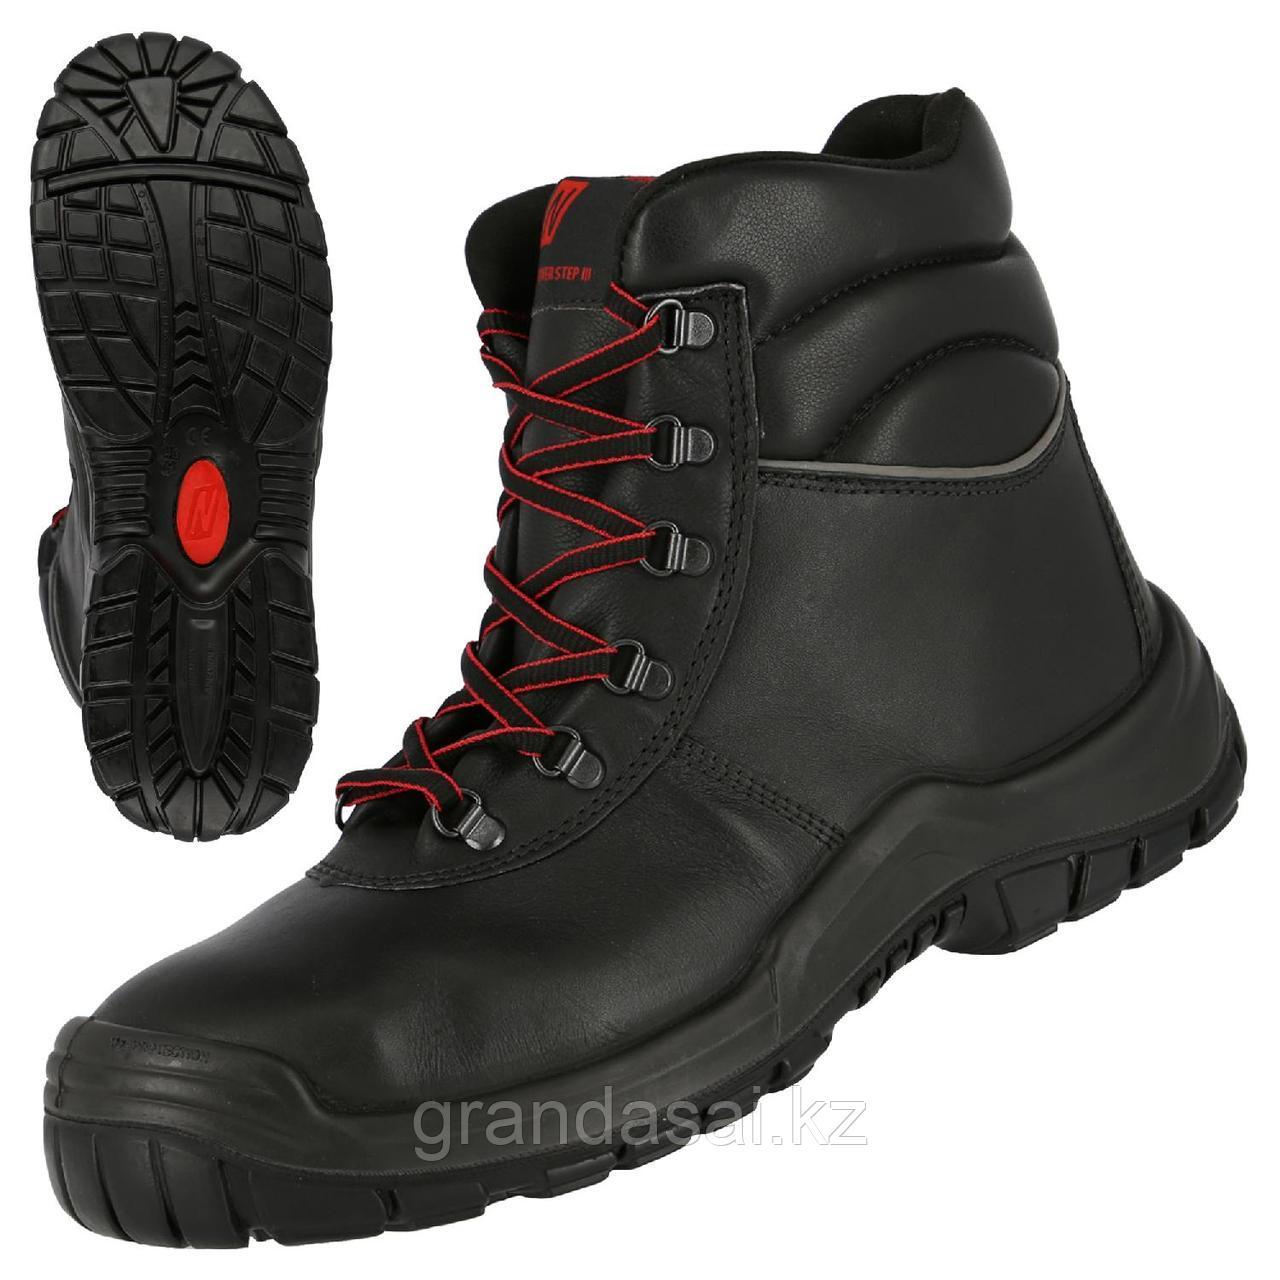 Ботинки защитные летние NITRAS POWER STEP MID